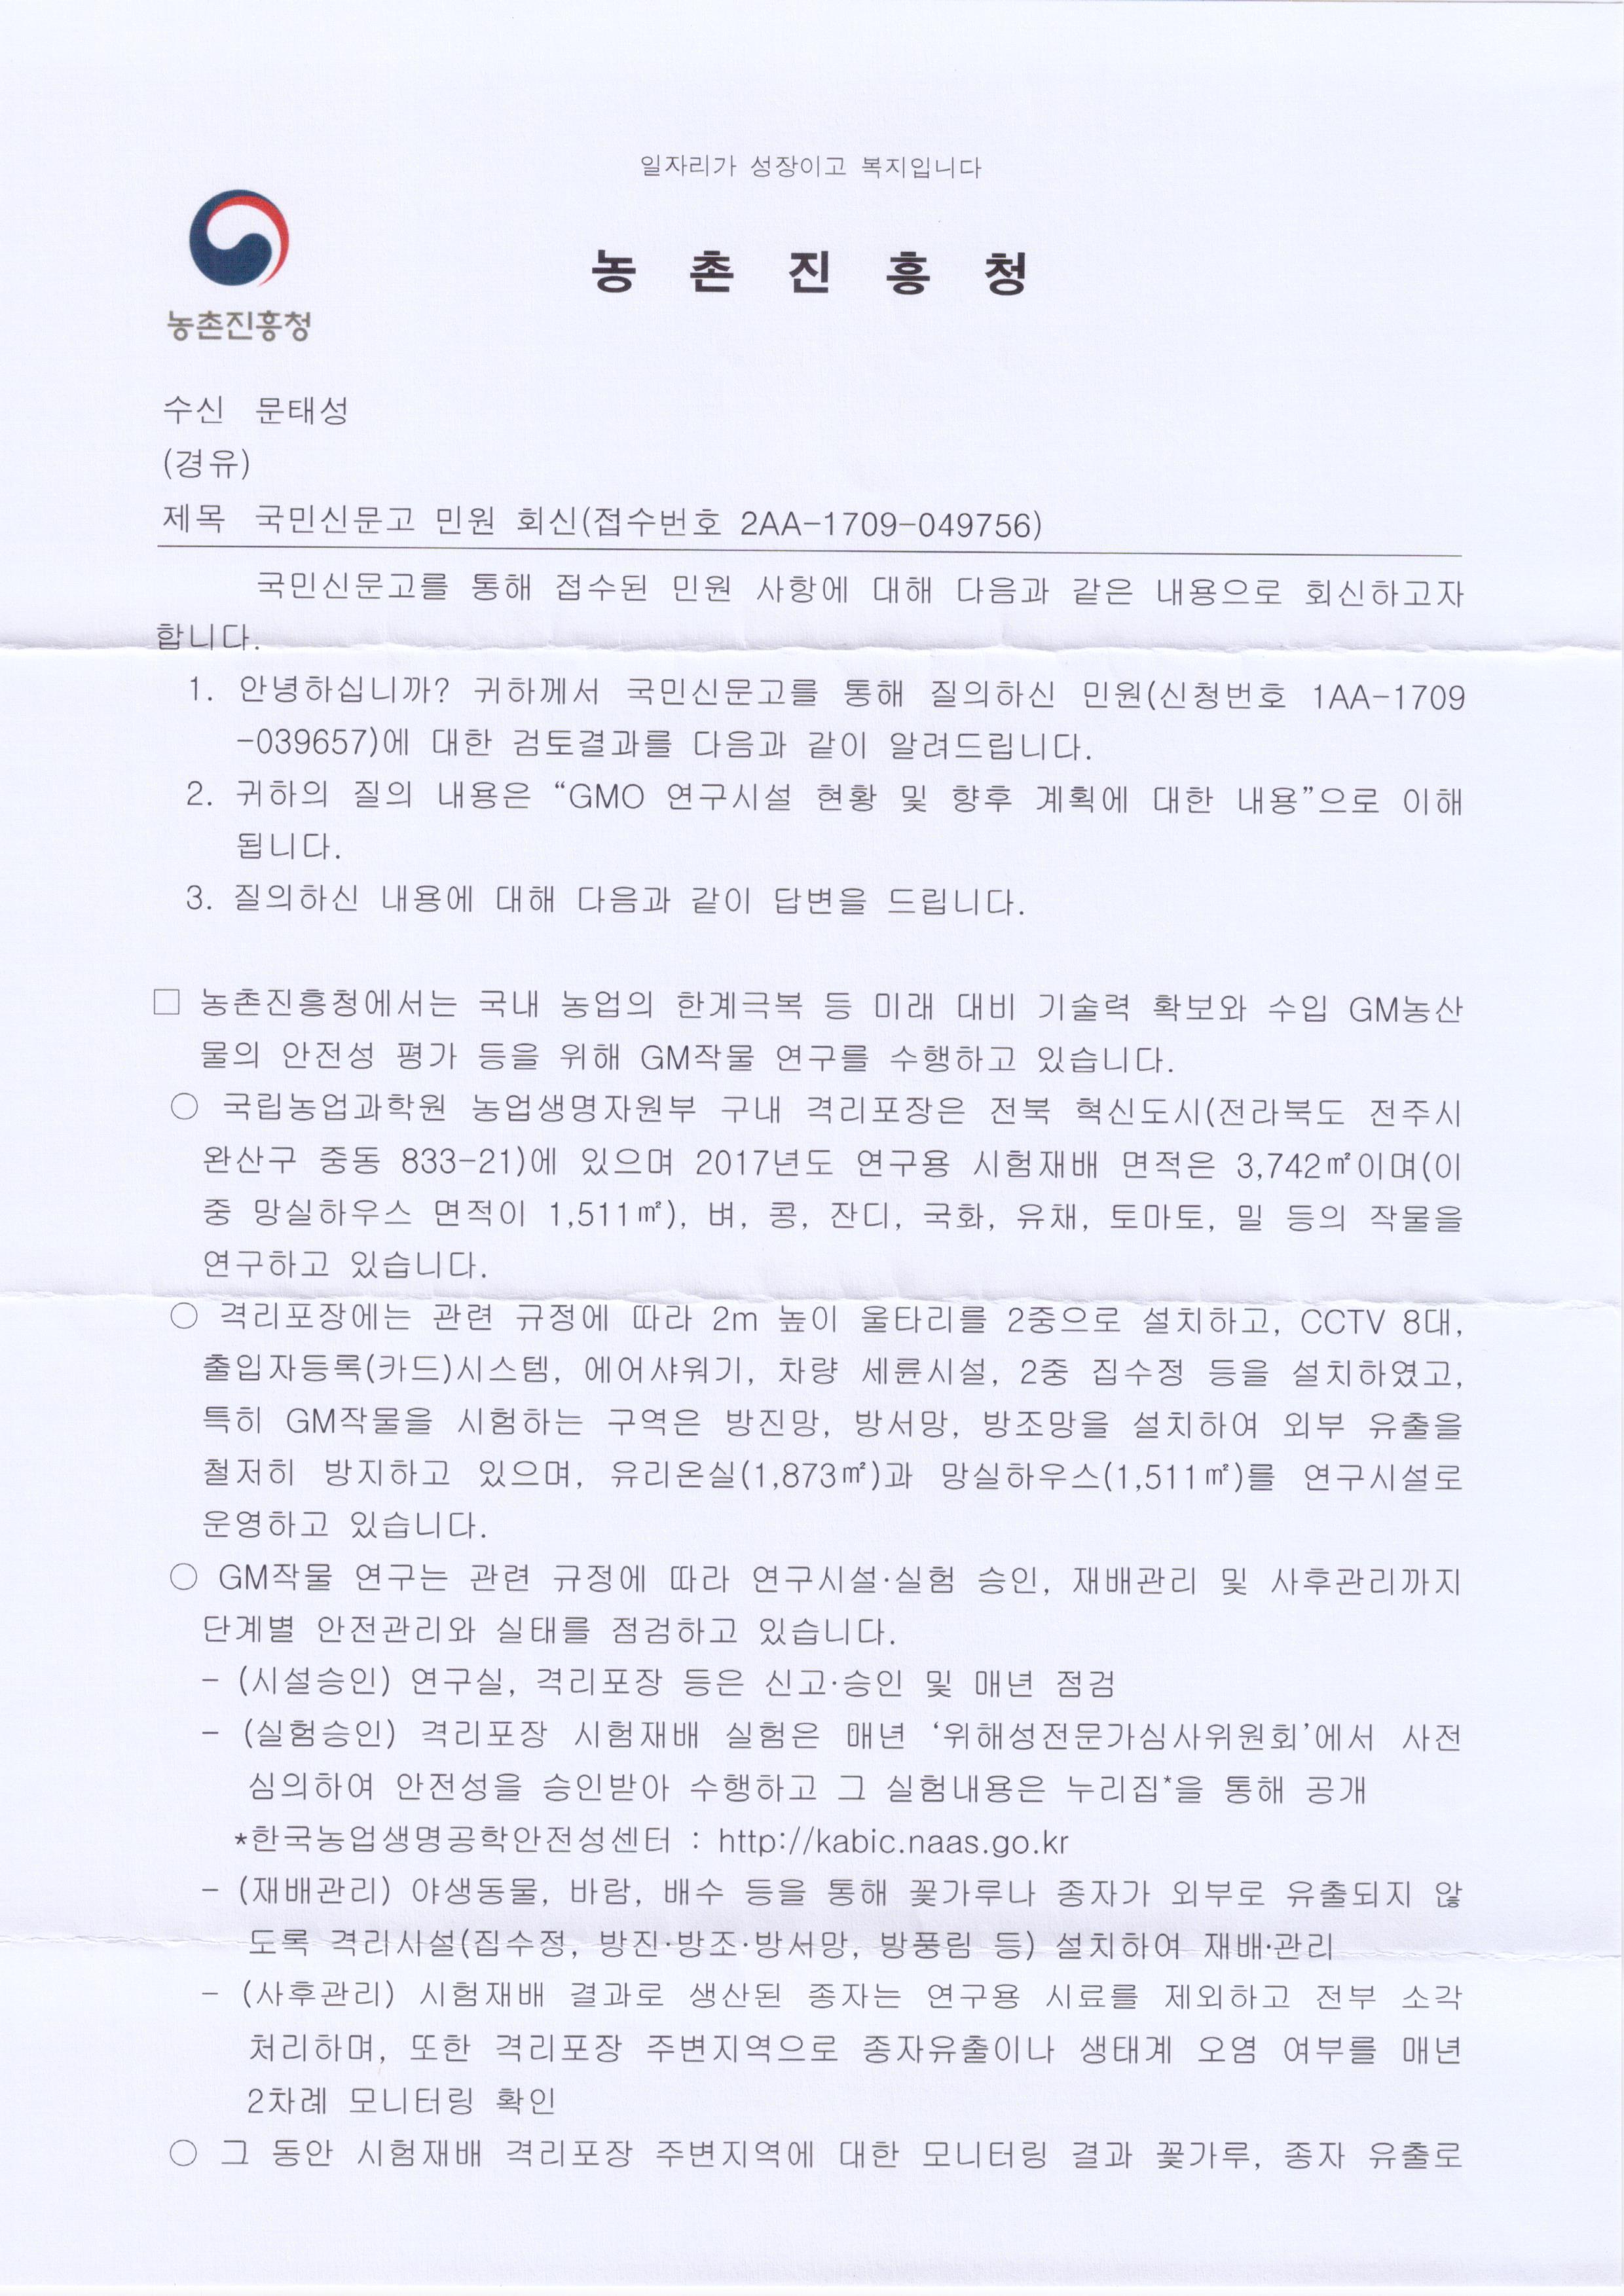 17.9.14_농촌진흥청 연구운영과-4861호 001.jpg